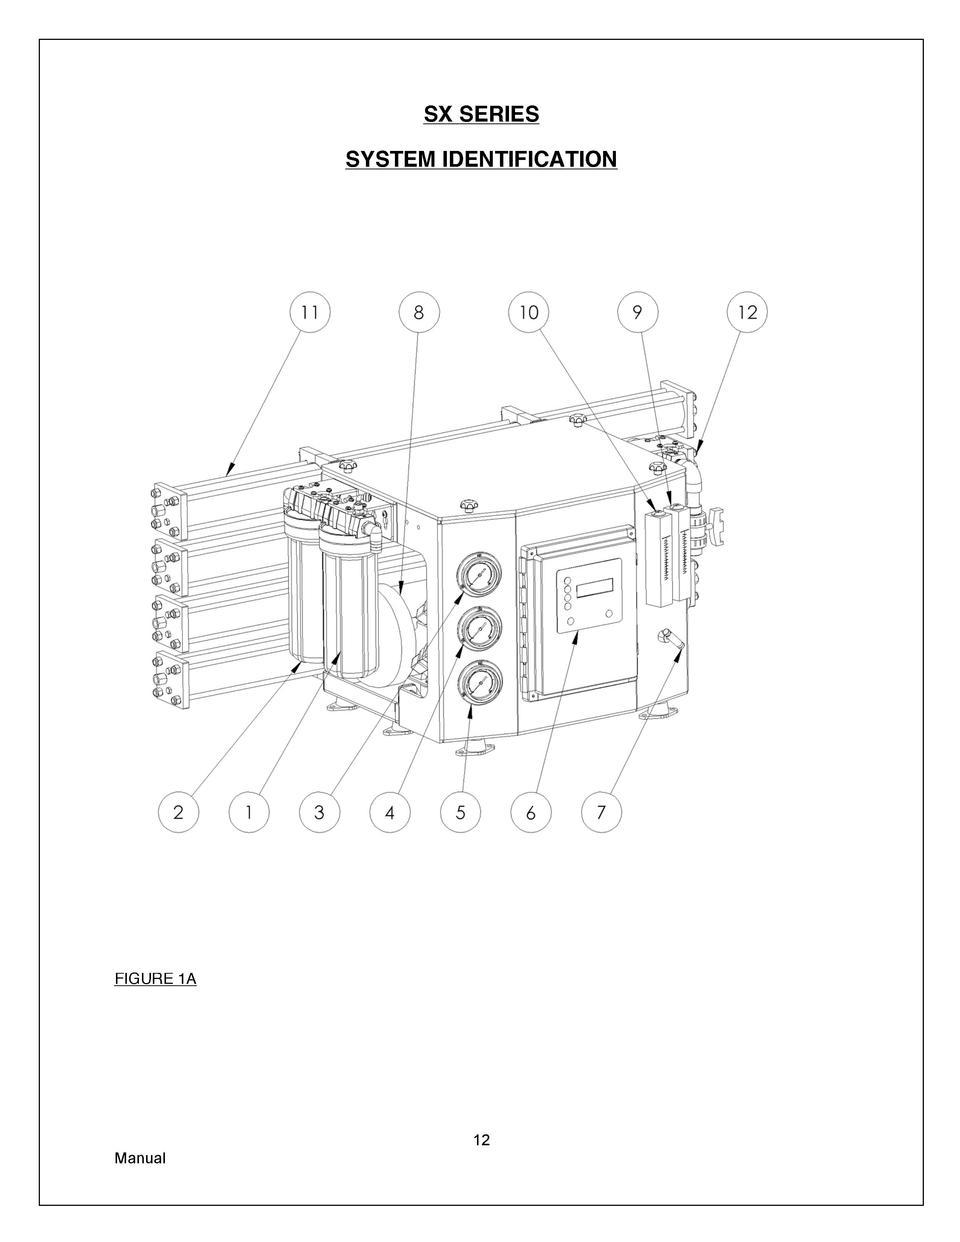 Spot Zero SX Manual : simplebooklet.com